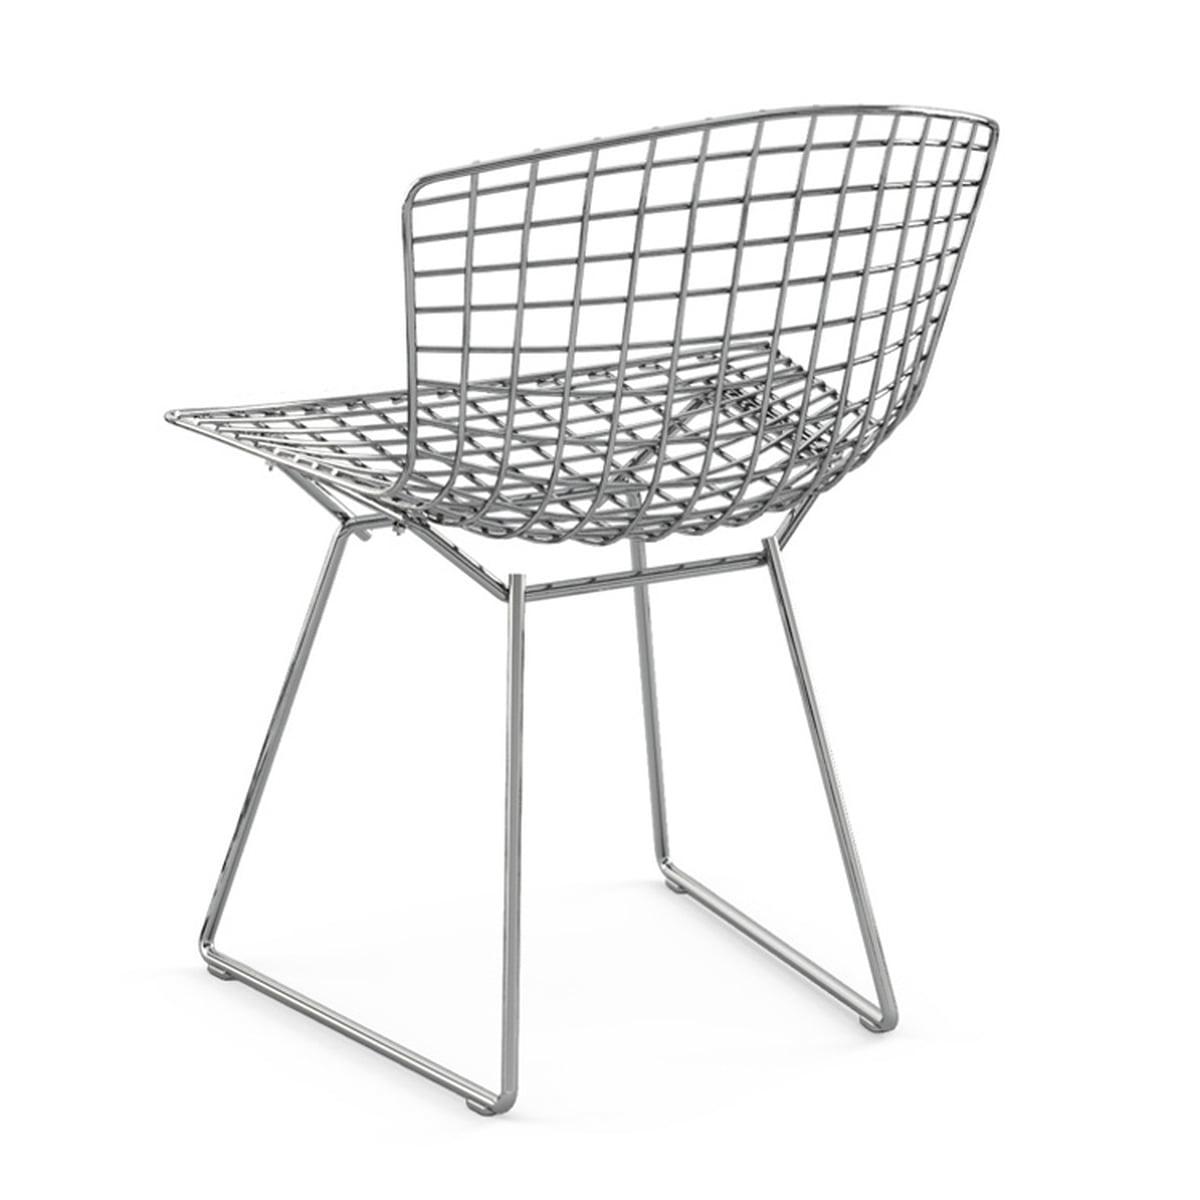 Bertoia draht stuhl von knoll im wohndesign shop for Design stuhl draht